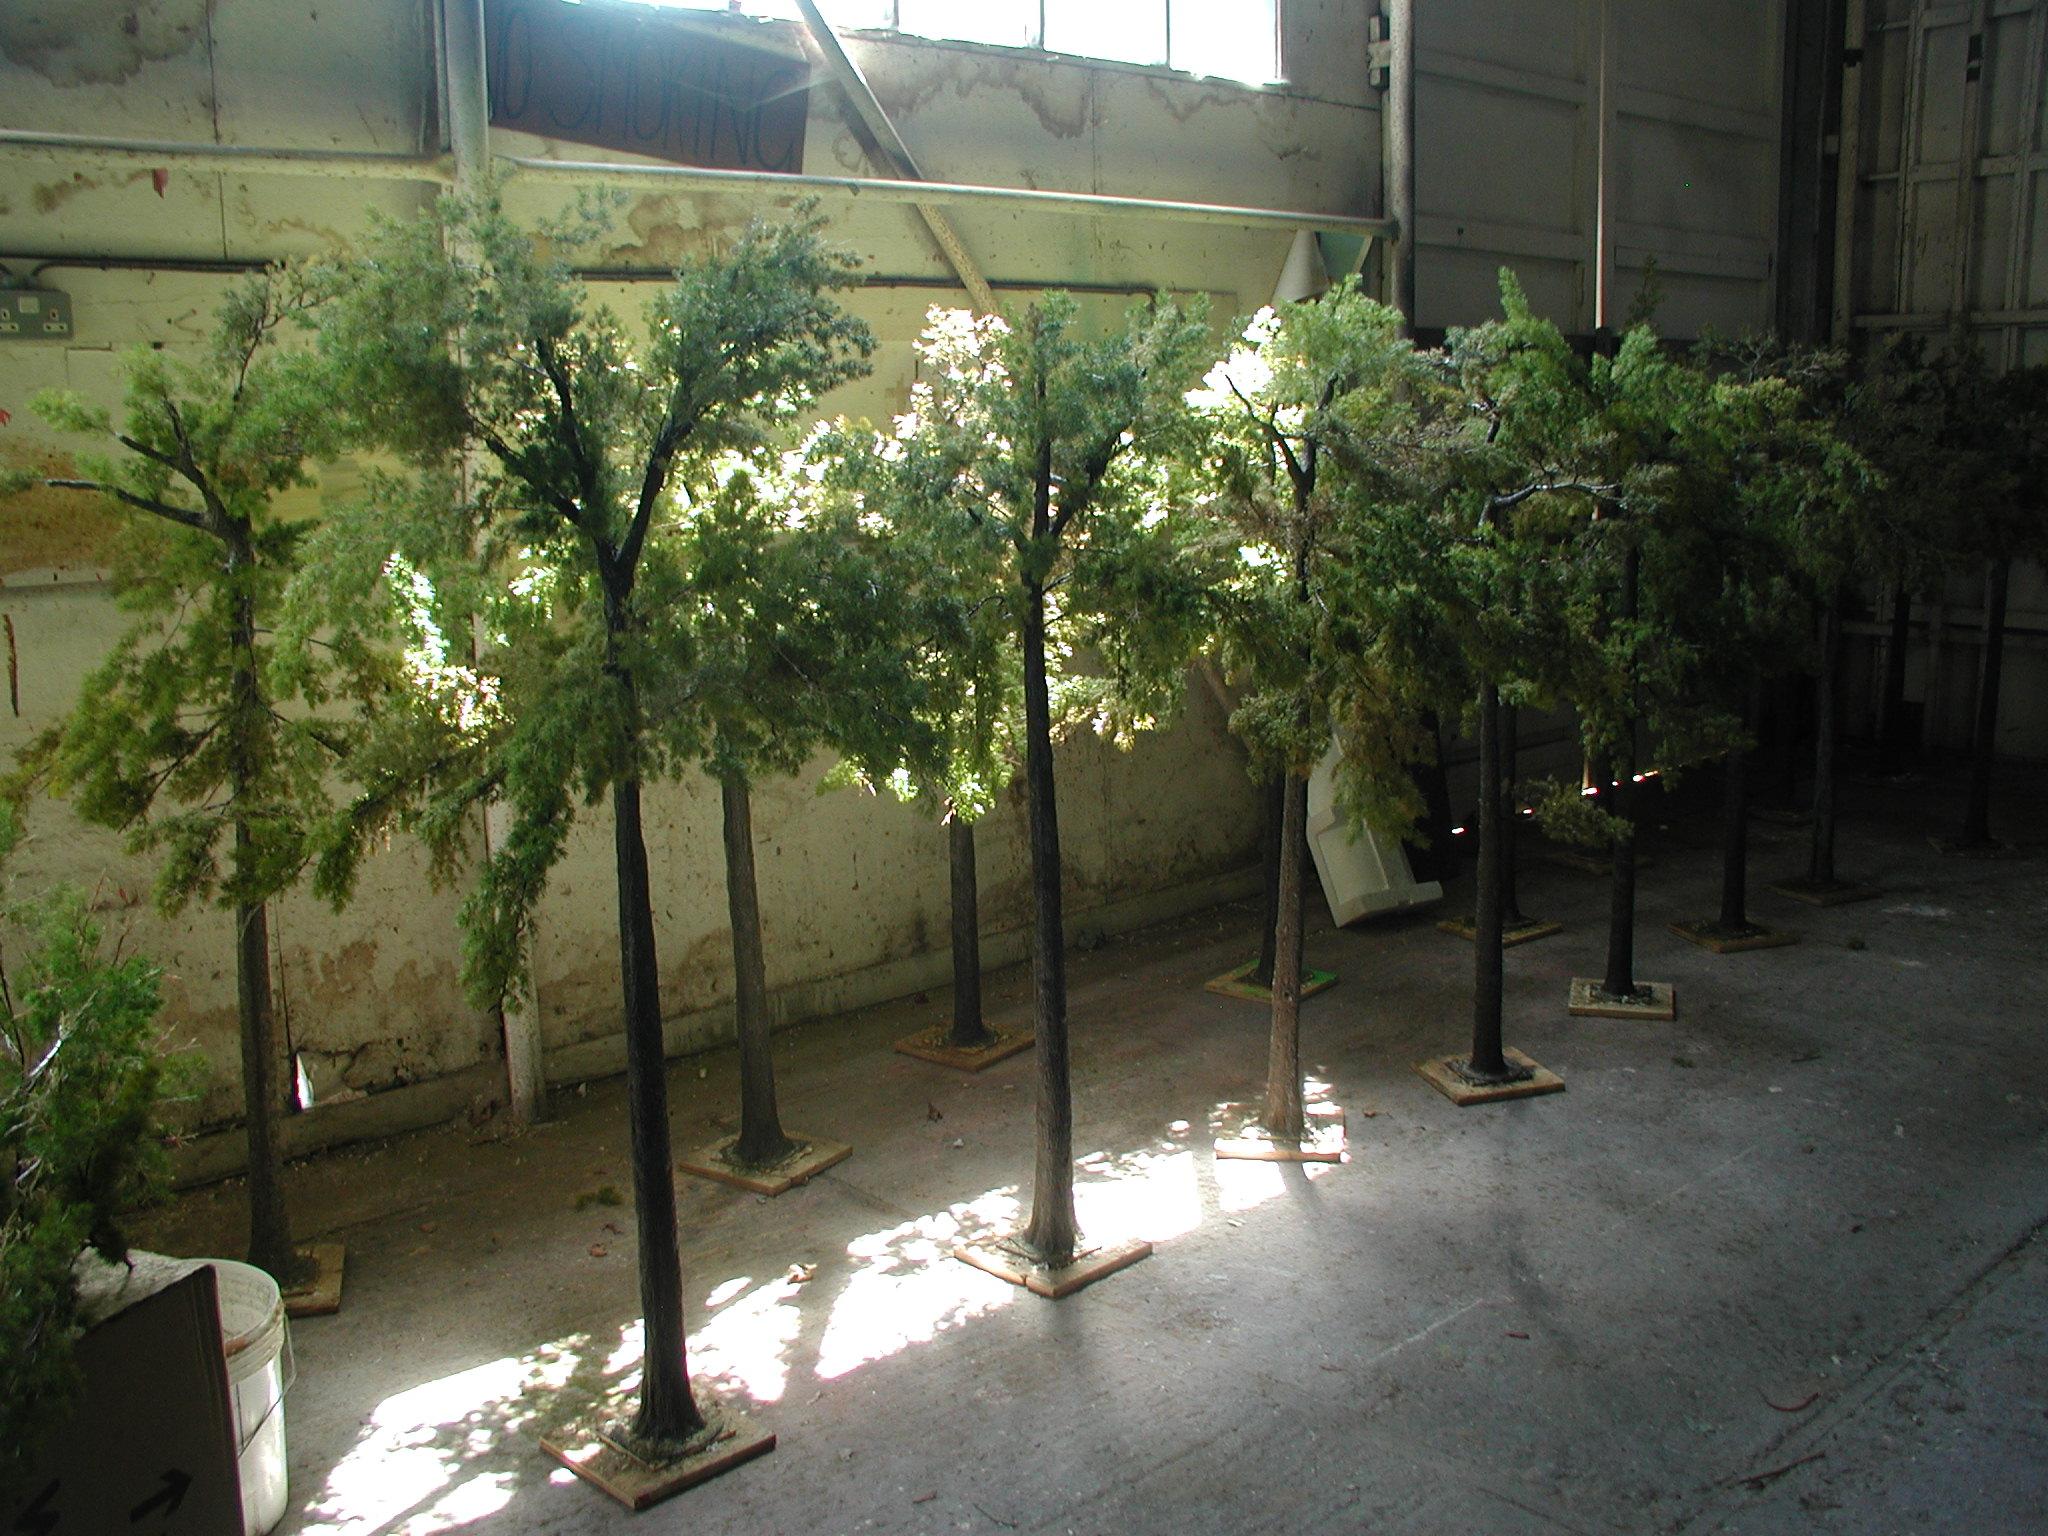 Model trees for Stardust